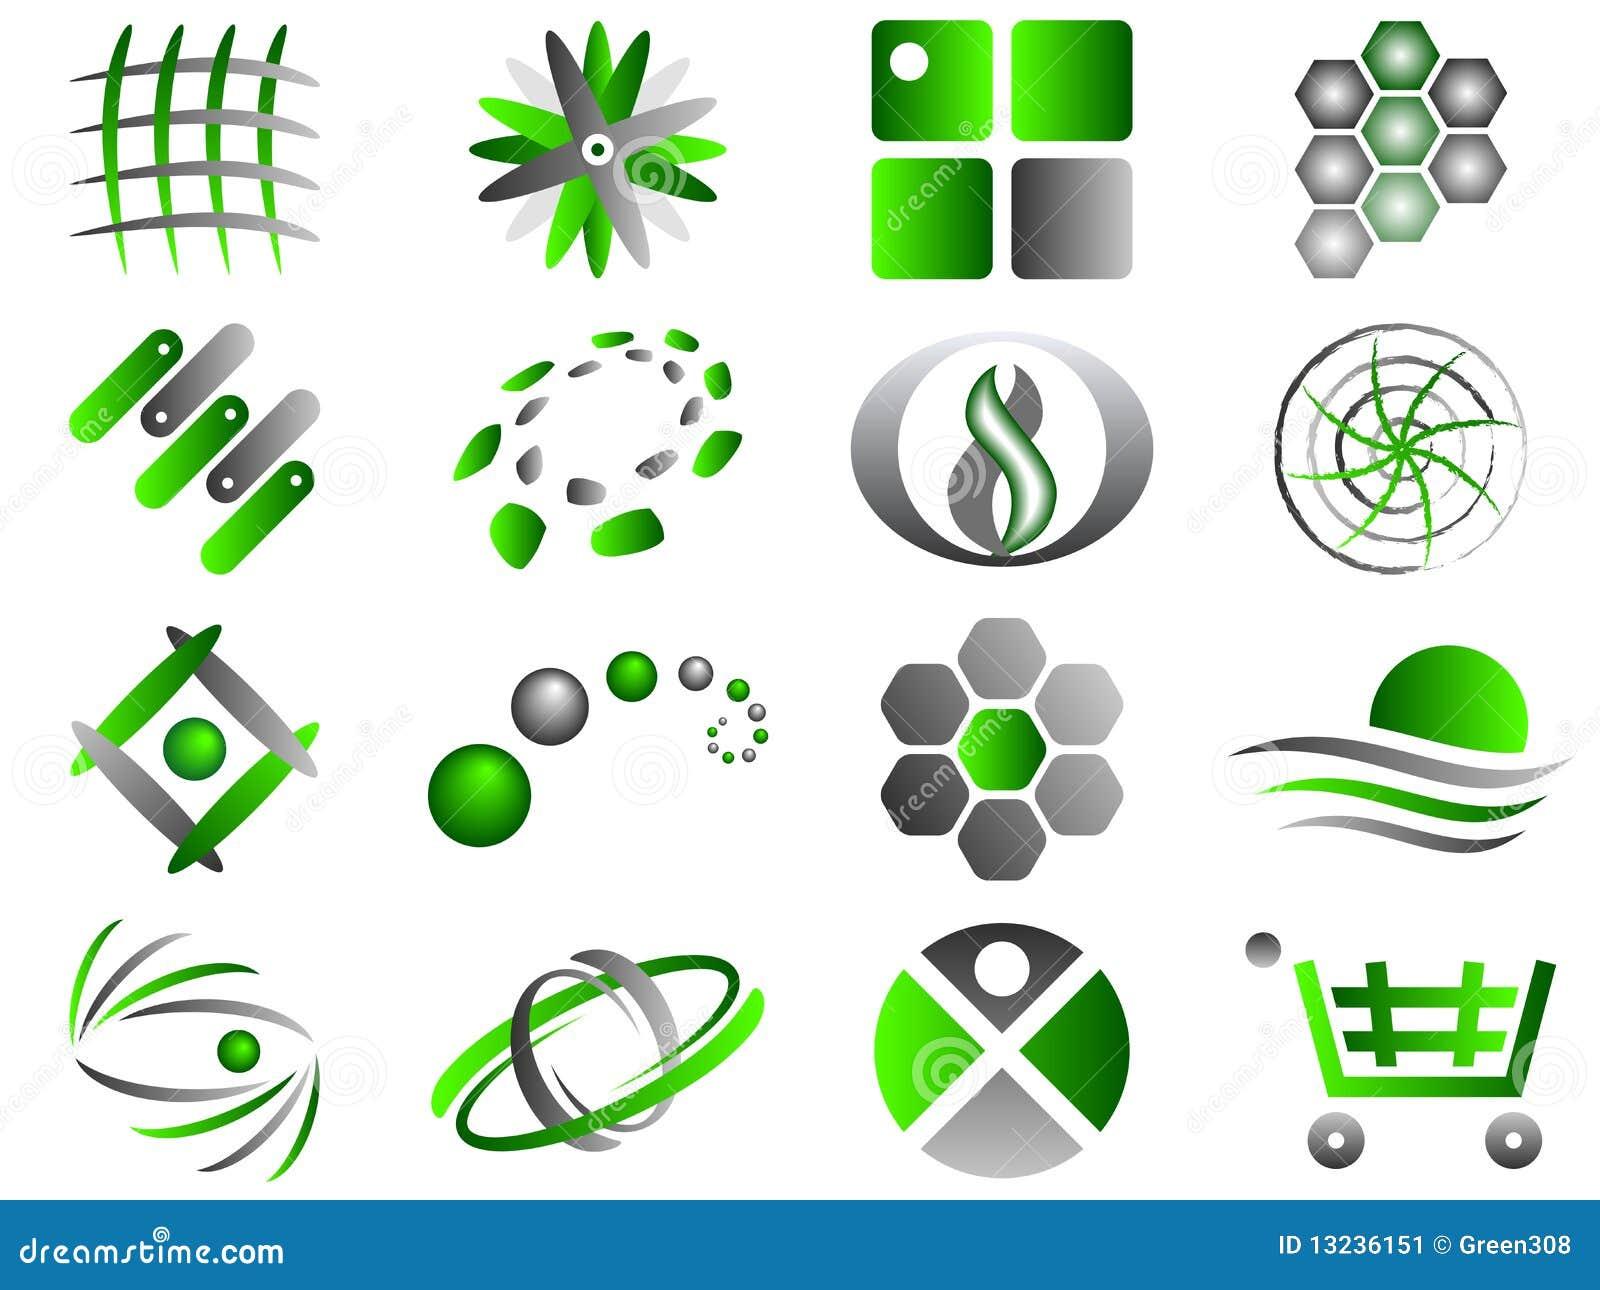 abstract logo icon design set stock vector